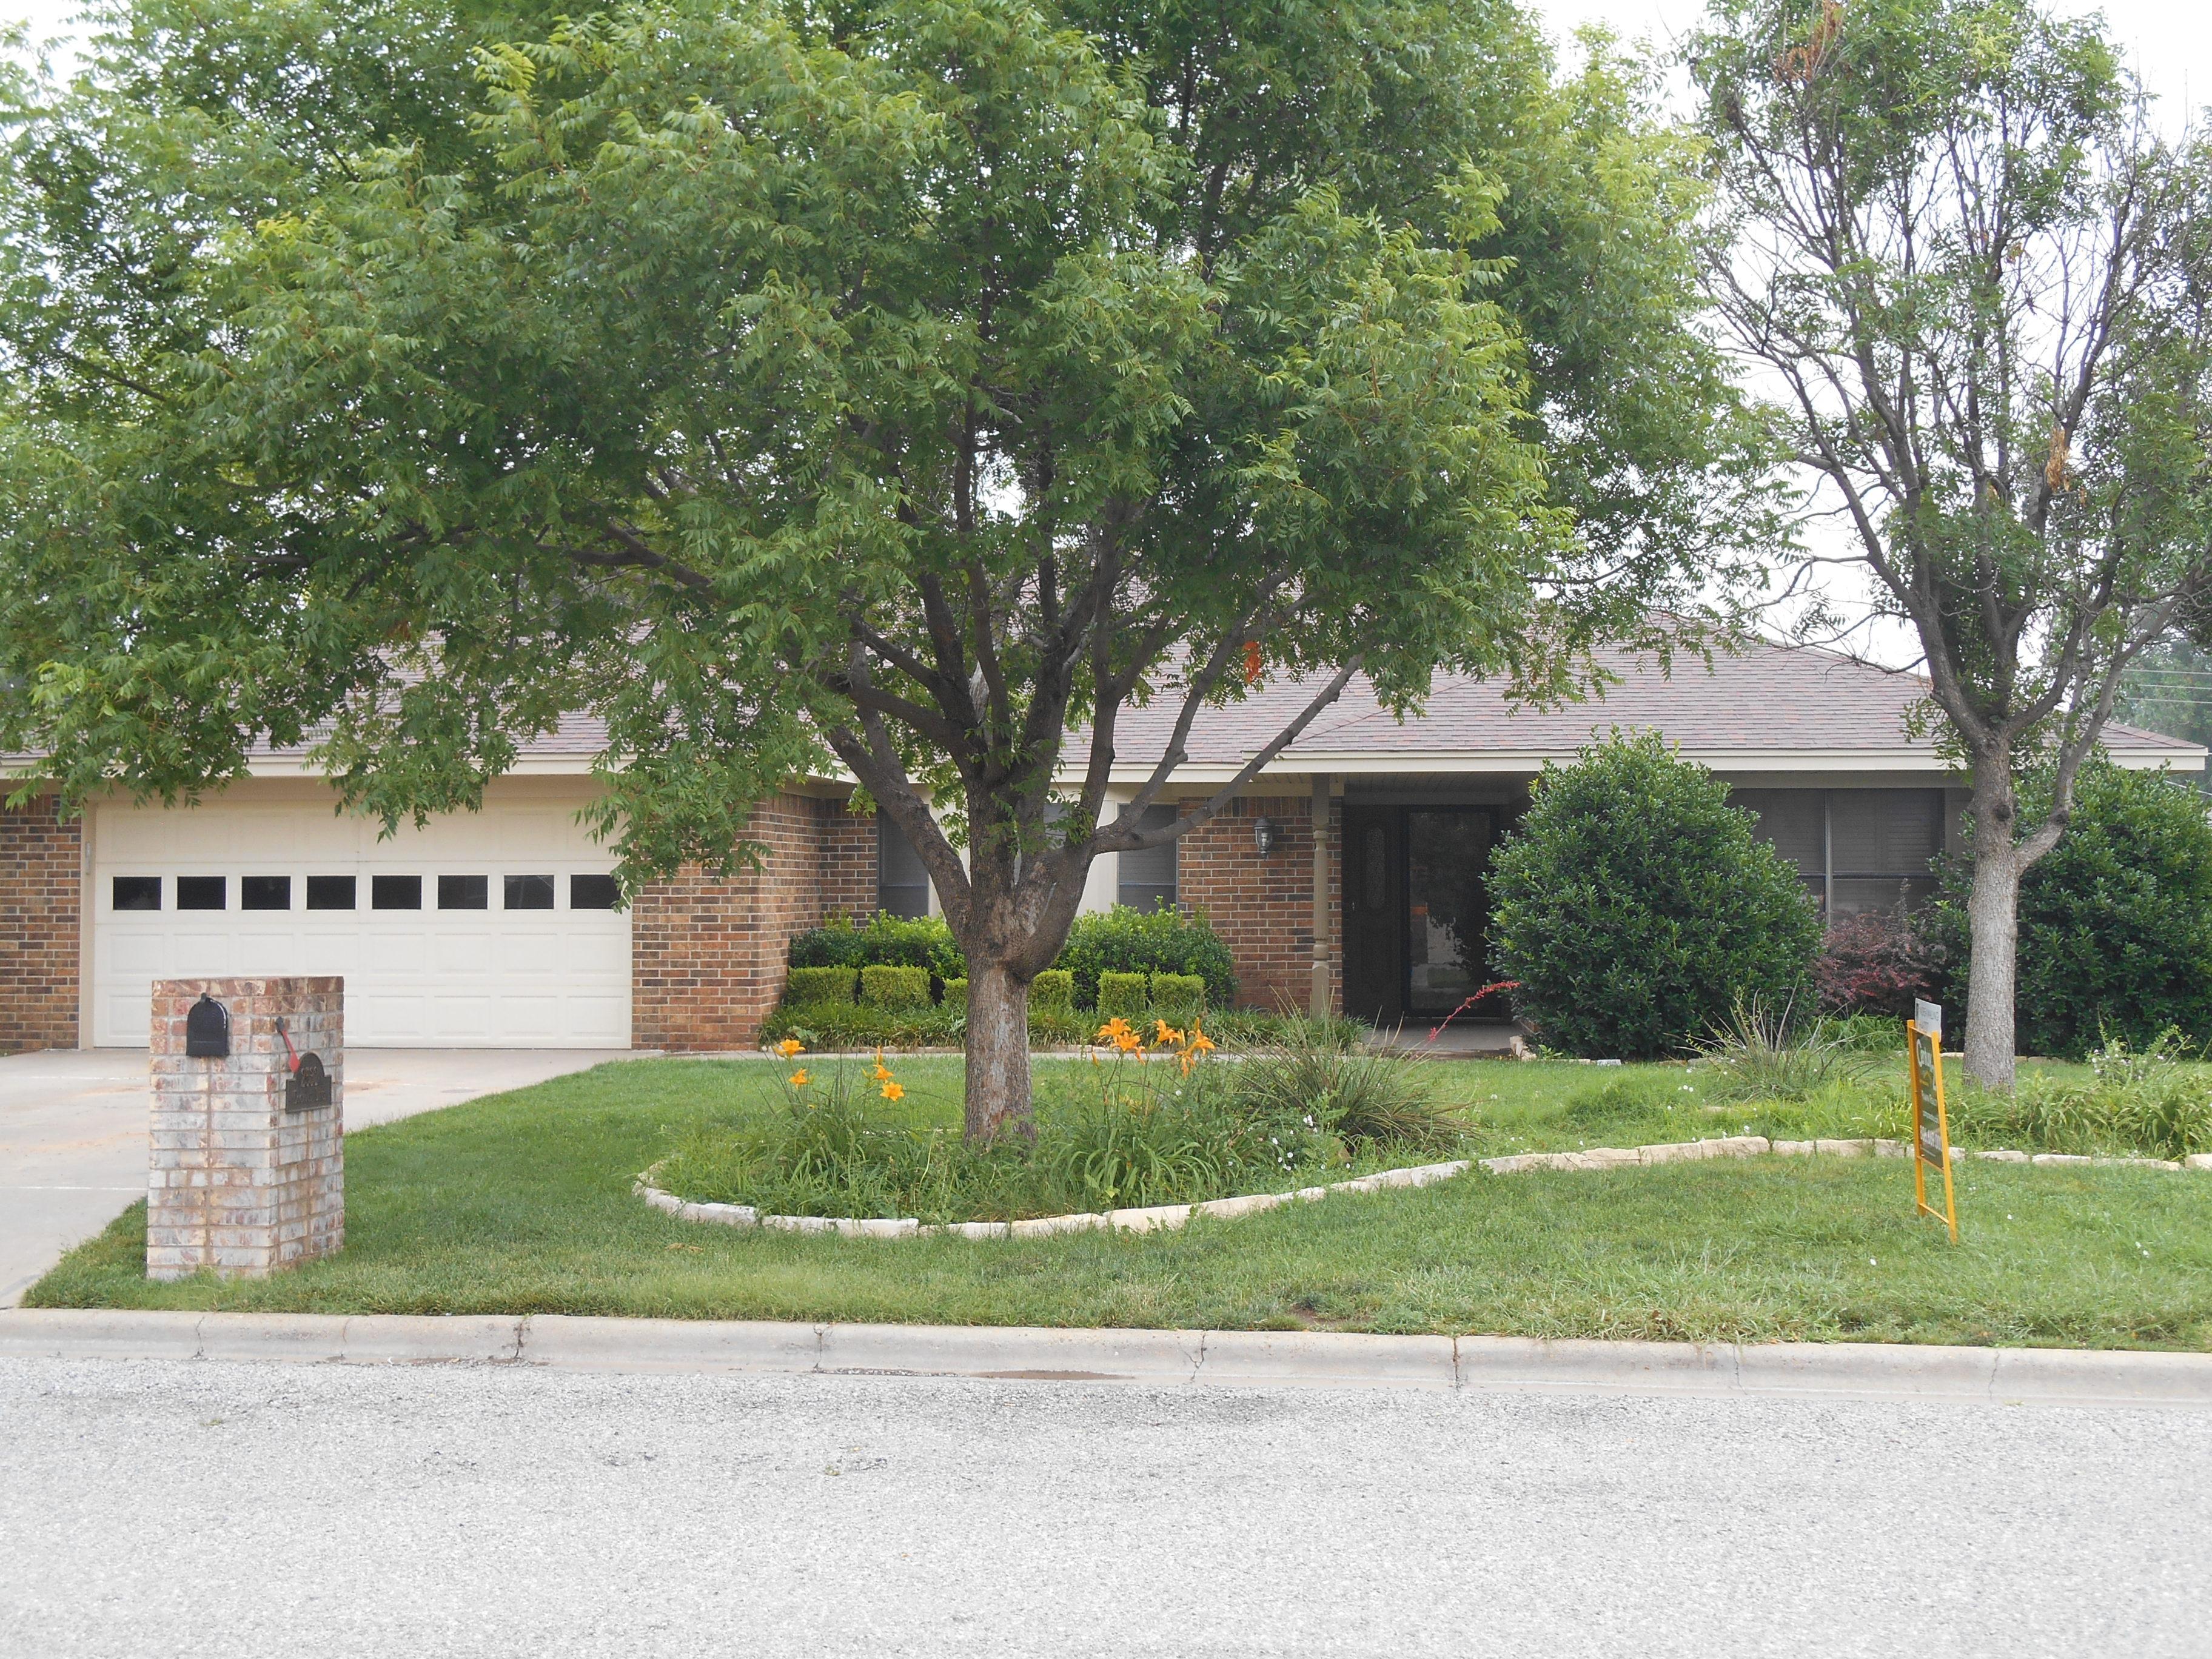 2532 Dogwood Ln, Pampa, Texas 79065